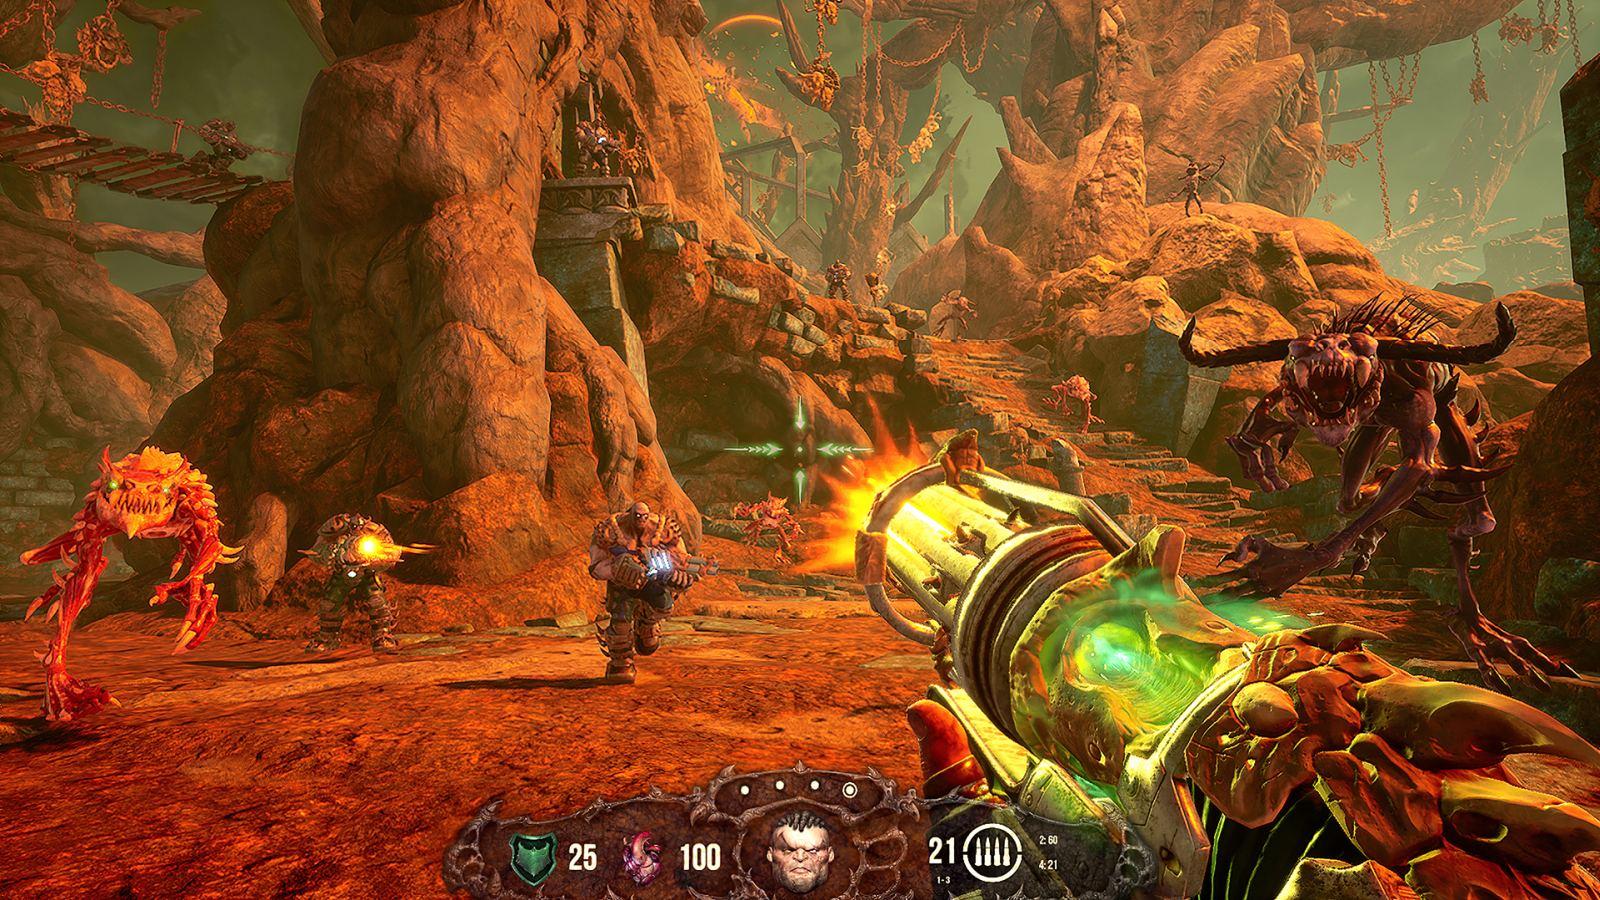 Hellbound | Saibot Studios, Nimble Giant Entertainment